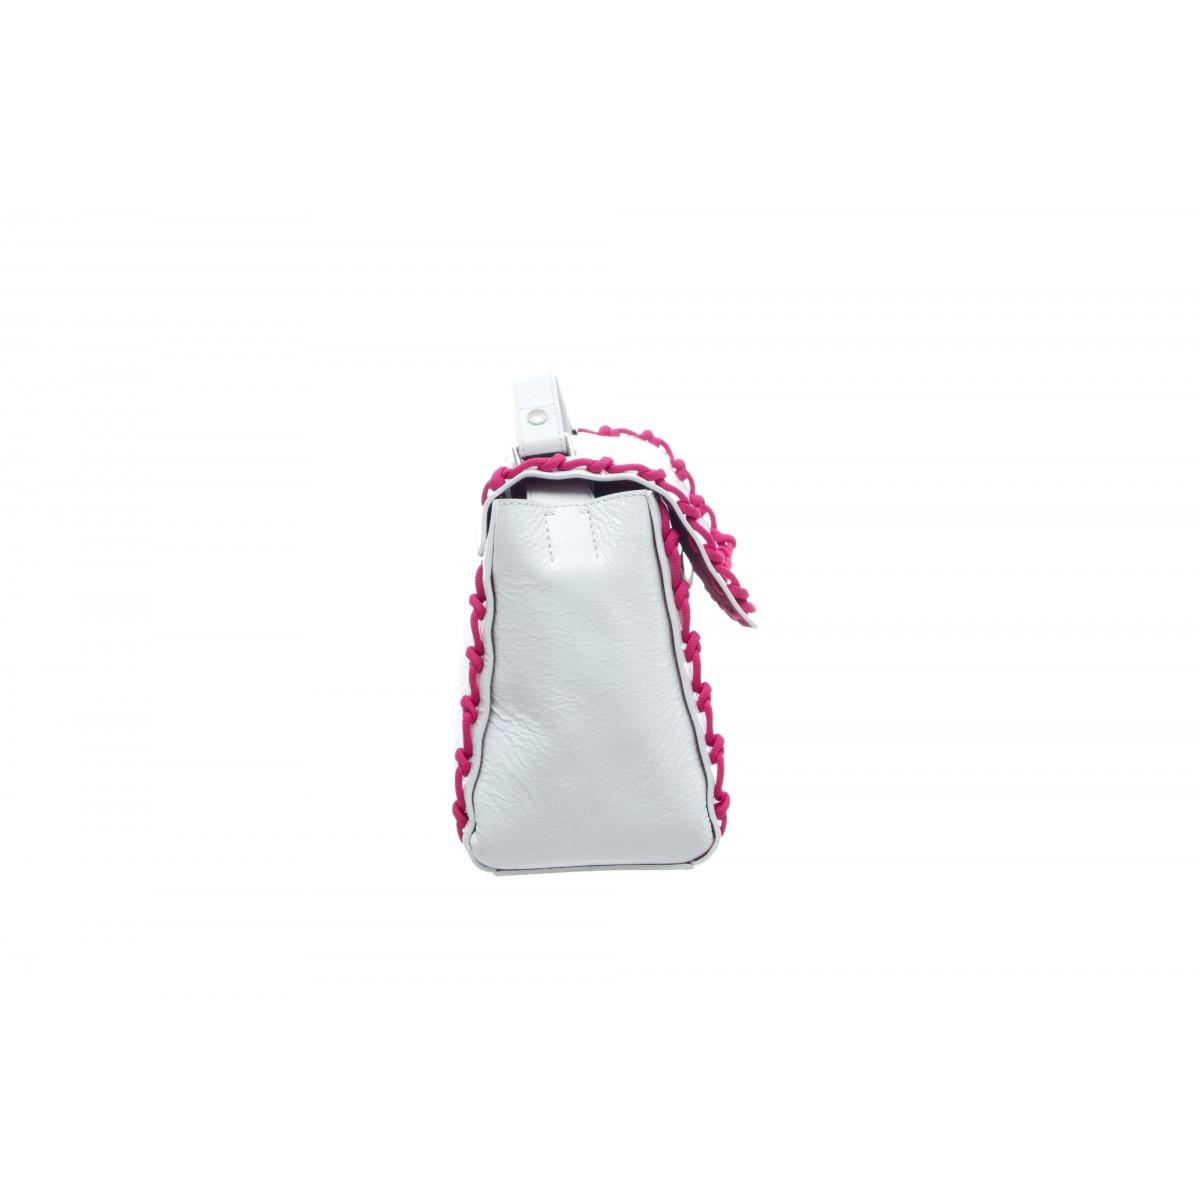 Borsa - Bo1999 crash borsa pelle vernice con tracolla fluo